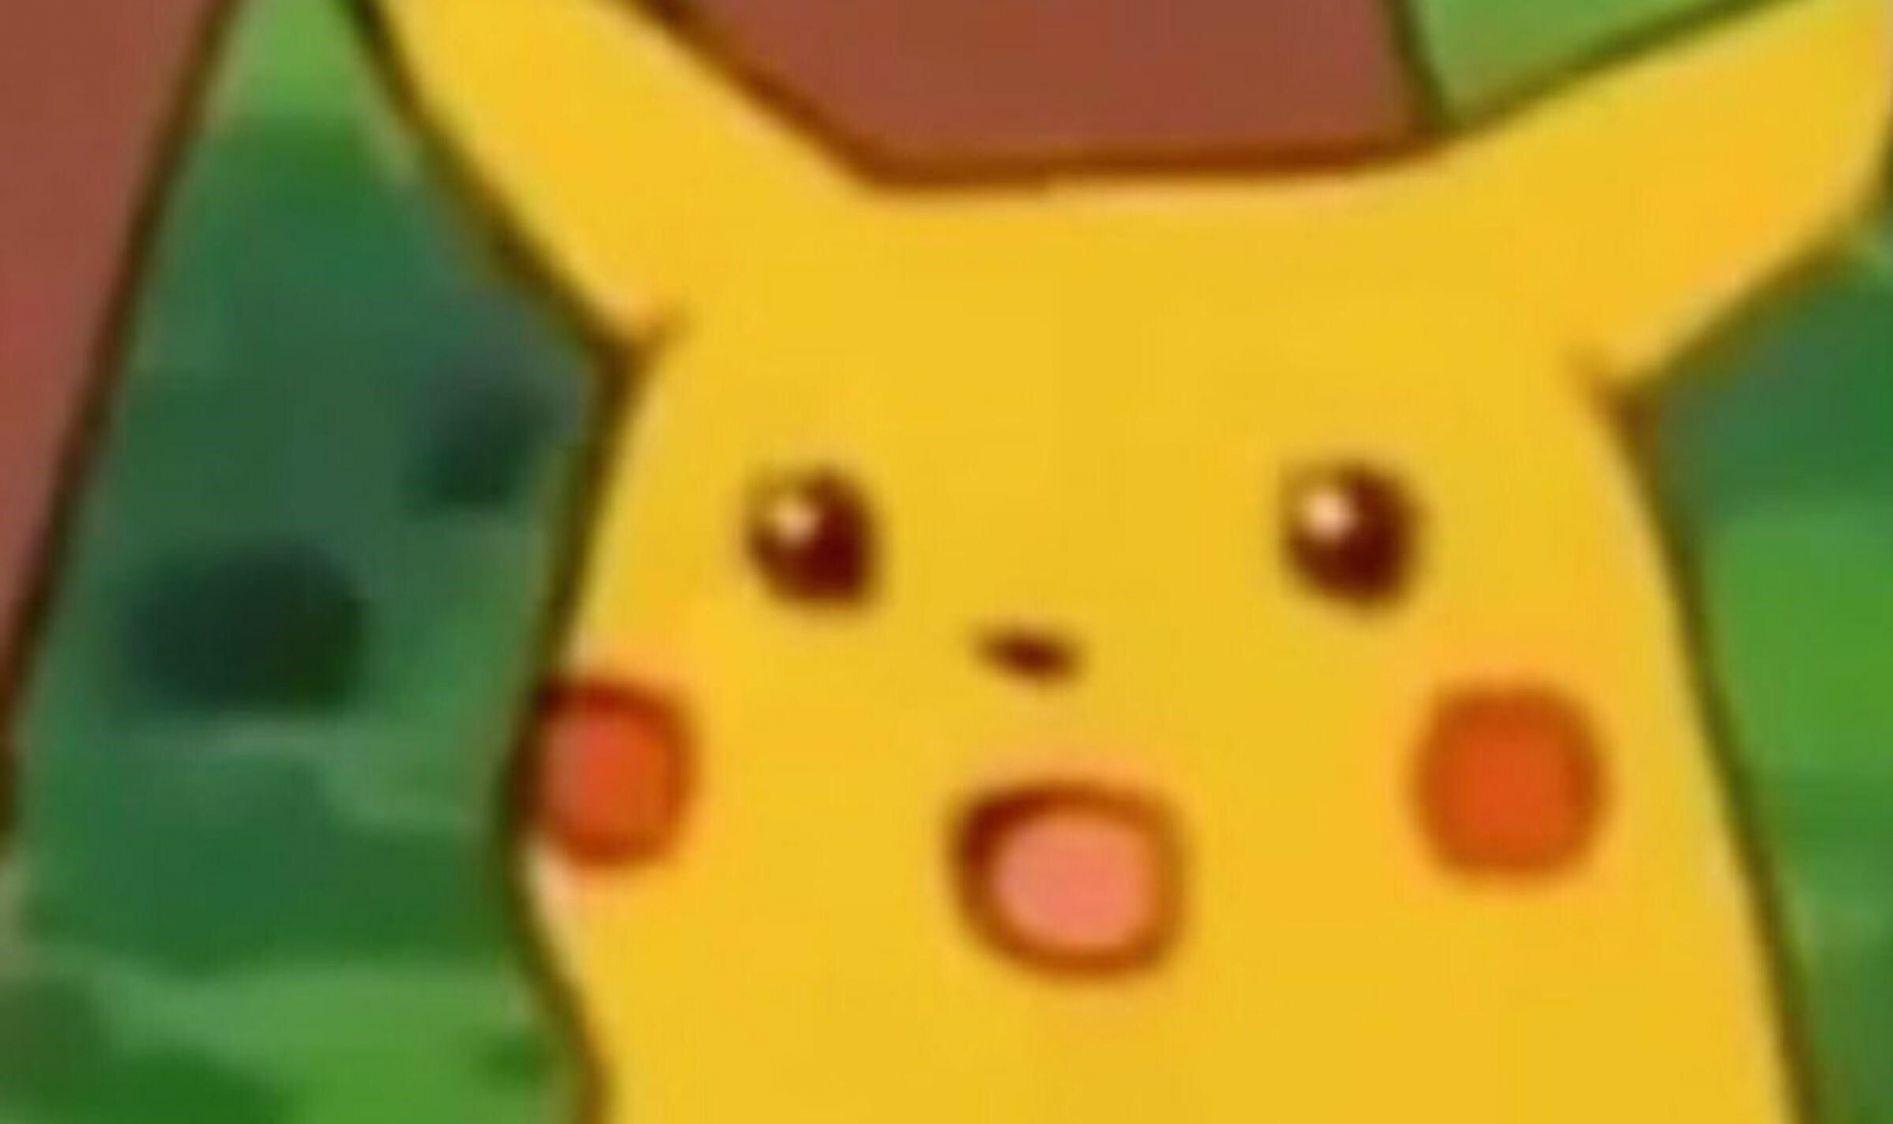 Pin By Malu Lima On Meme Memes Pikachu Memes Funny Memes